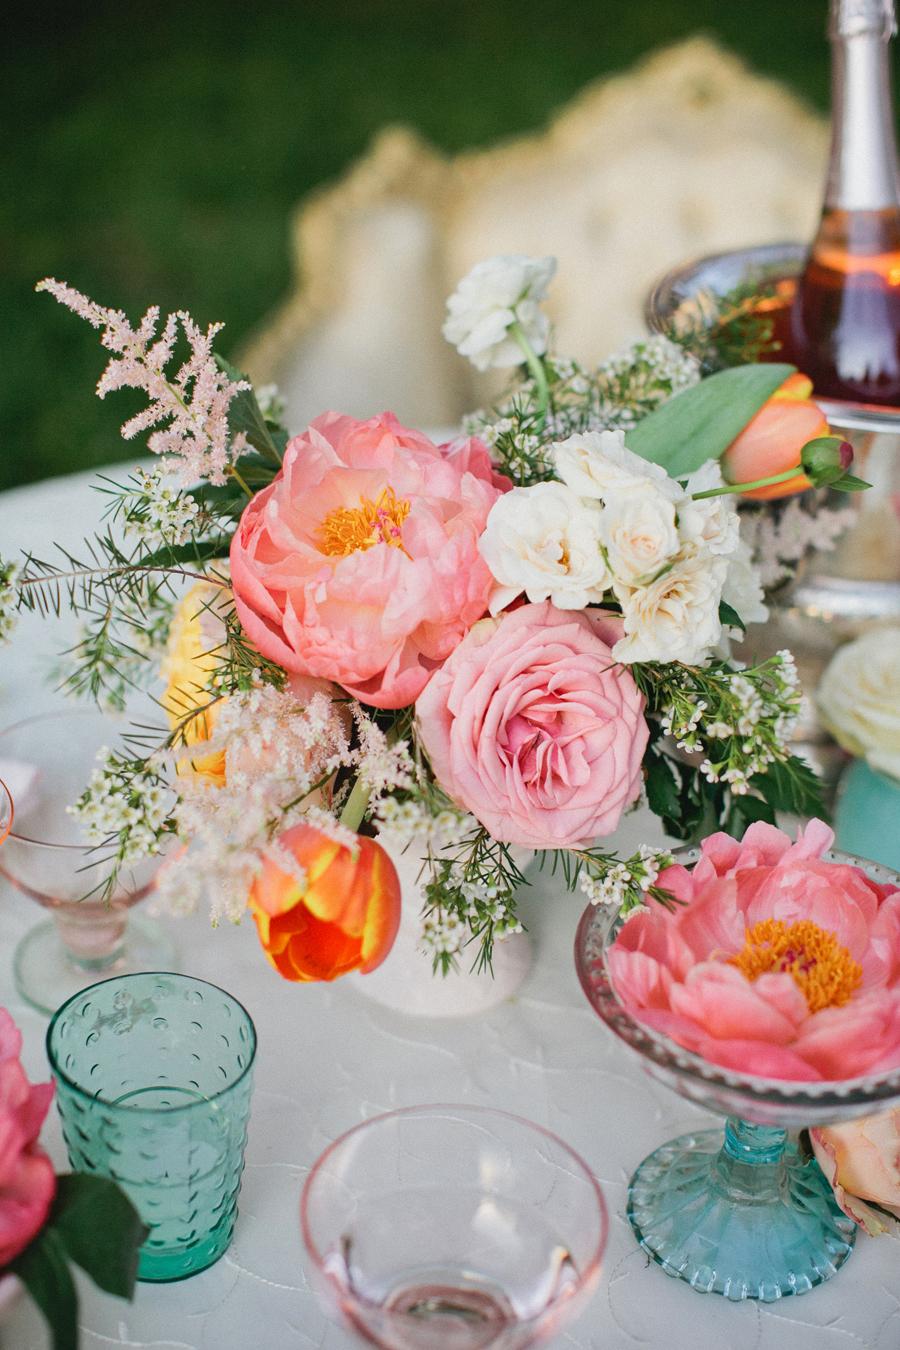 Pretty Shabby Chic Wedding Flowers - Elizabeth Anne Designs: The ...